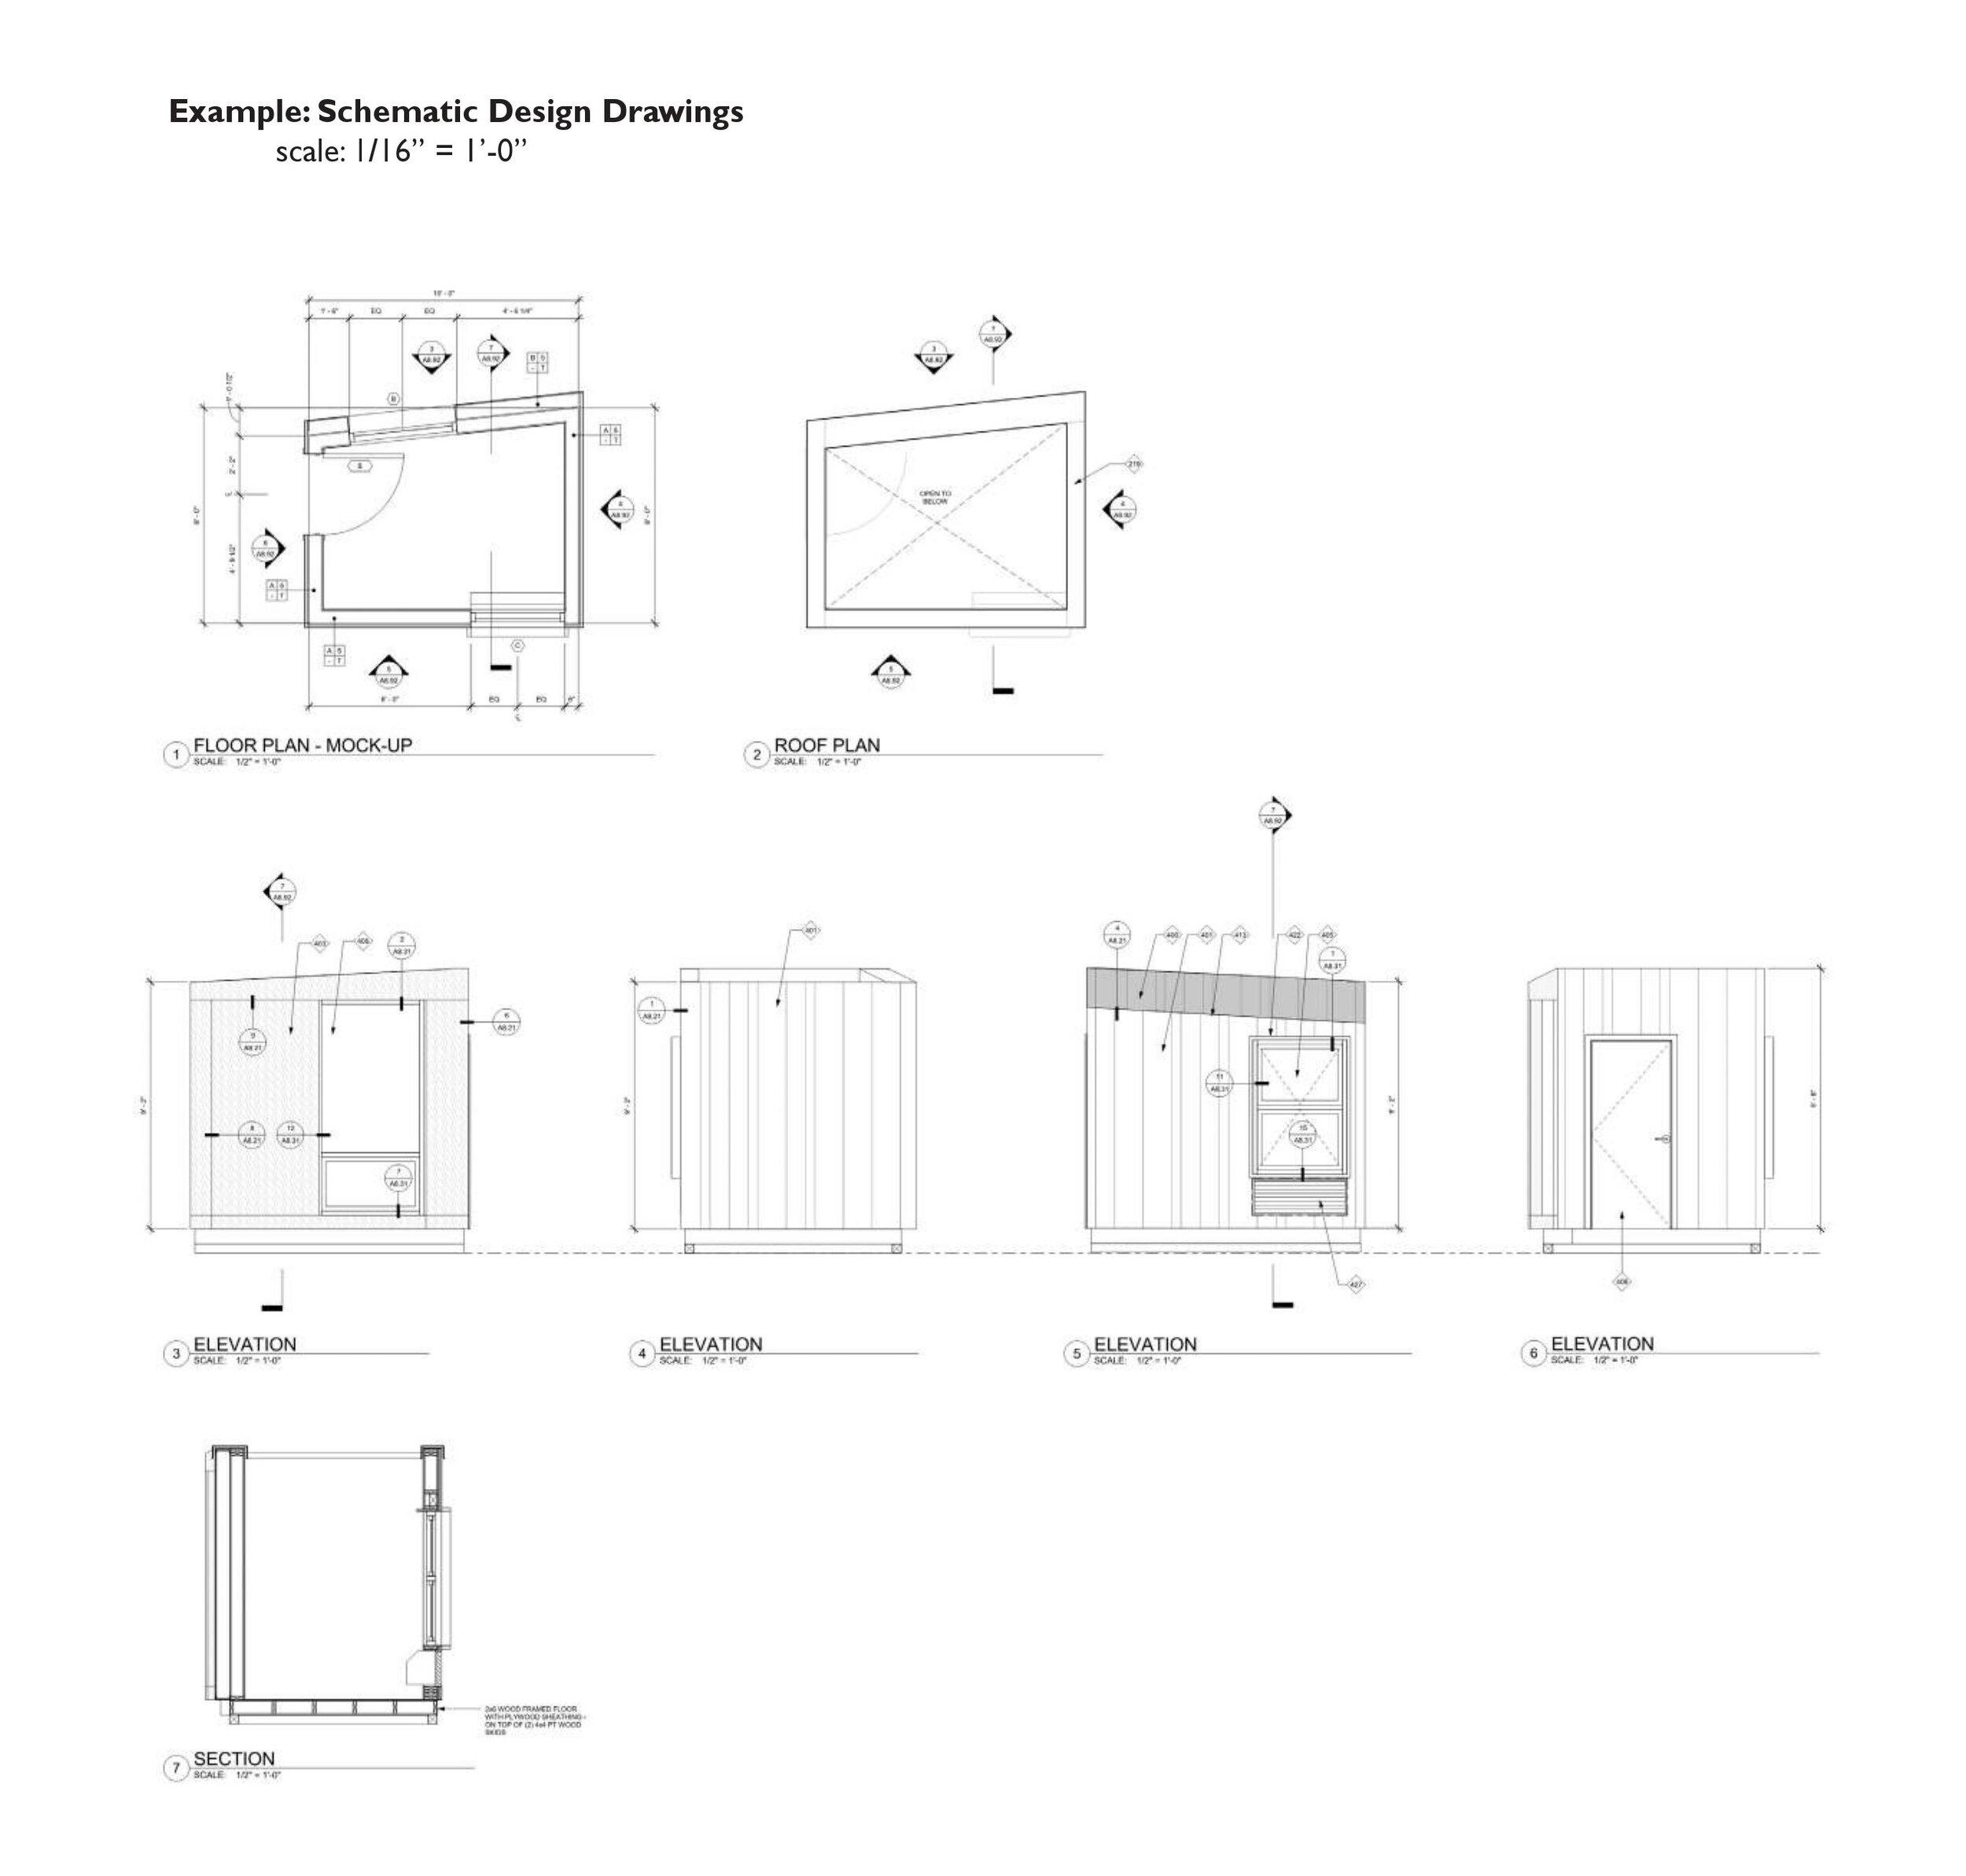 schematic details-01.jpg